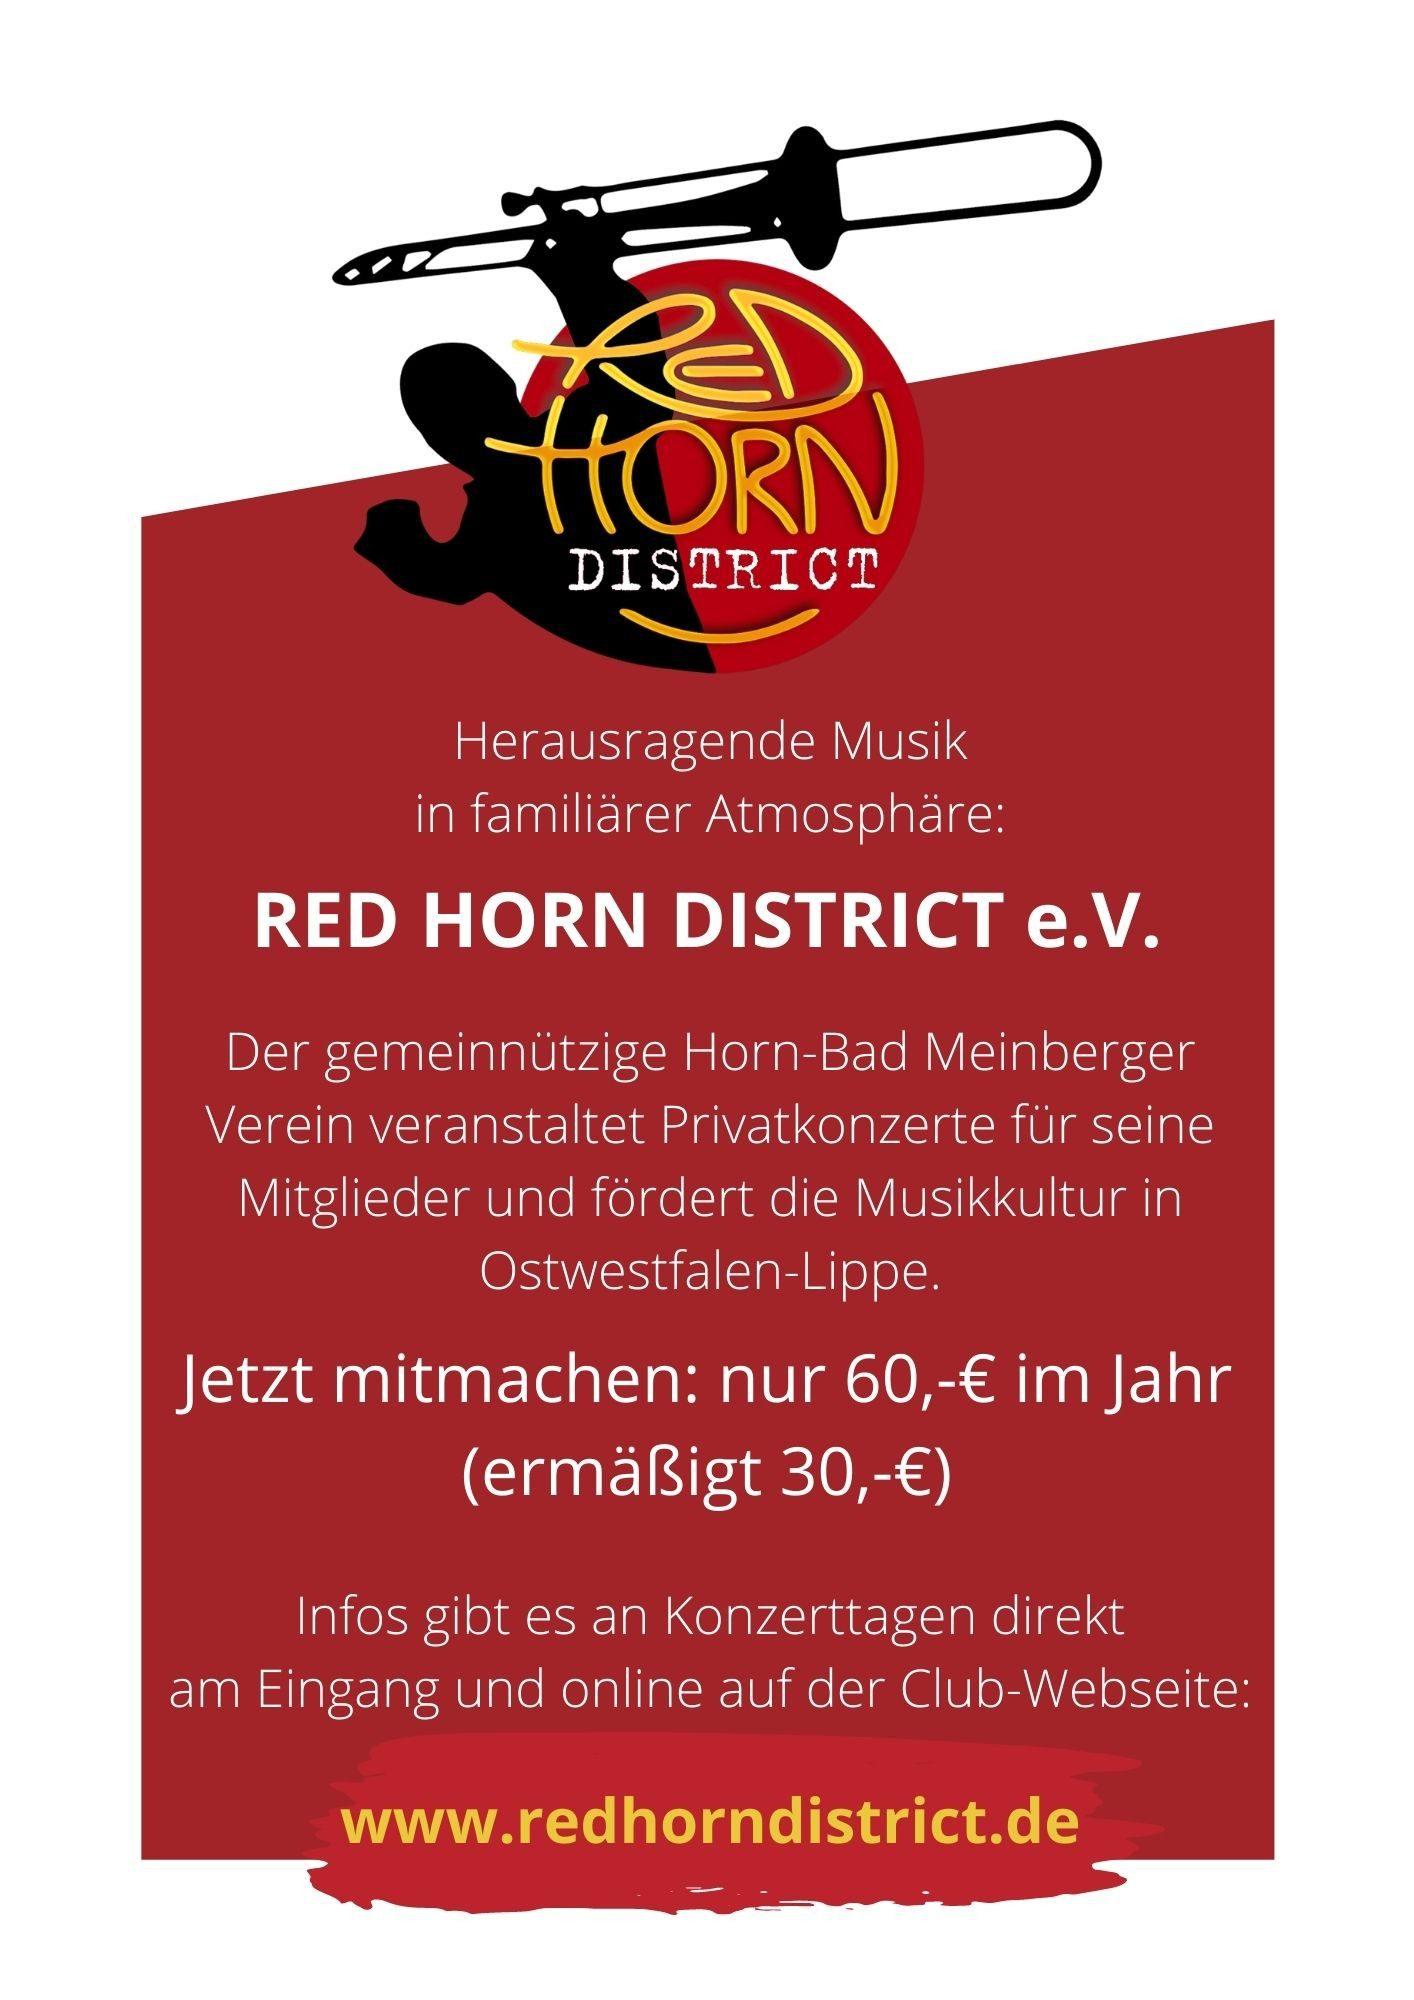 Mitgliedantrag-RedHornDistrict